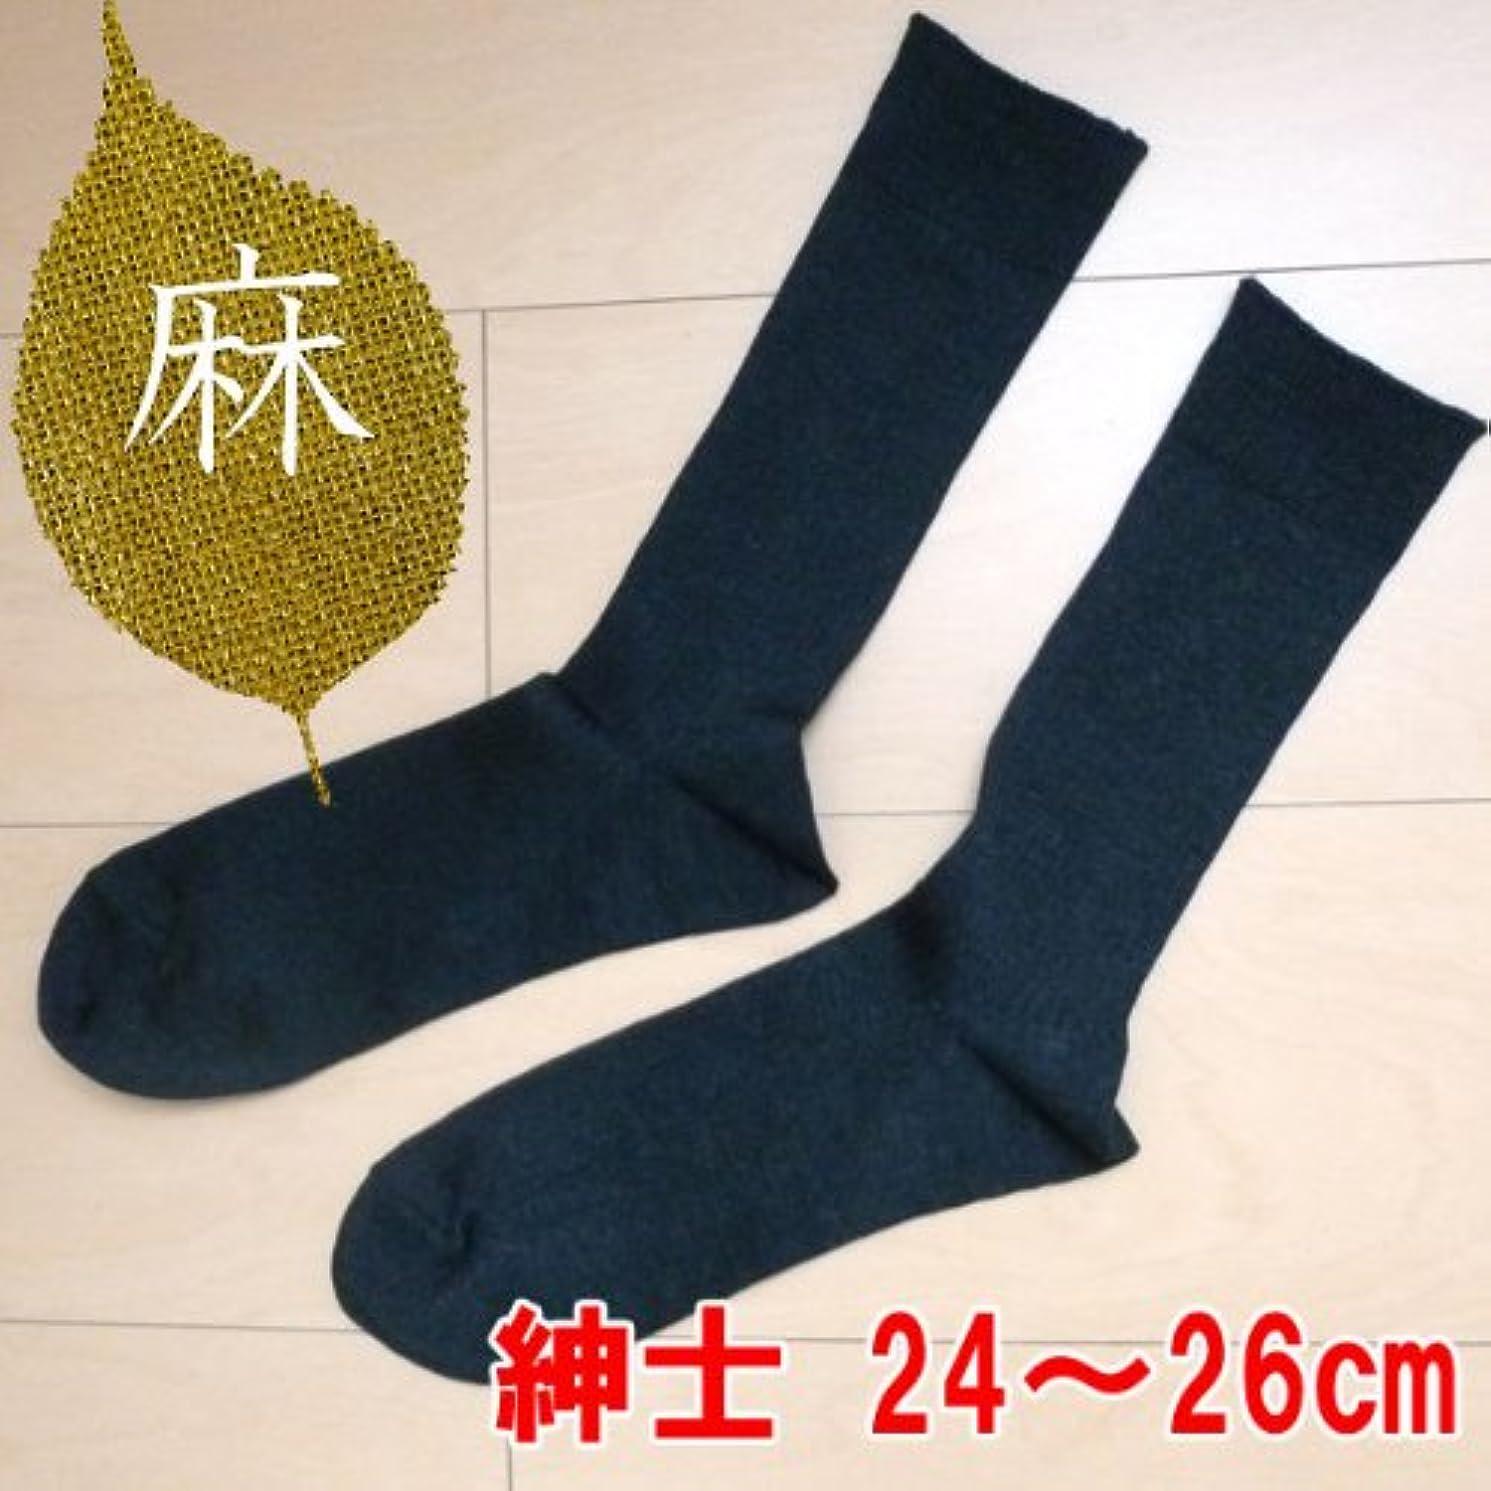 創造人形知人リブソックス 麻 日本製 男性用 無地 24~26cm 防臭 速乾